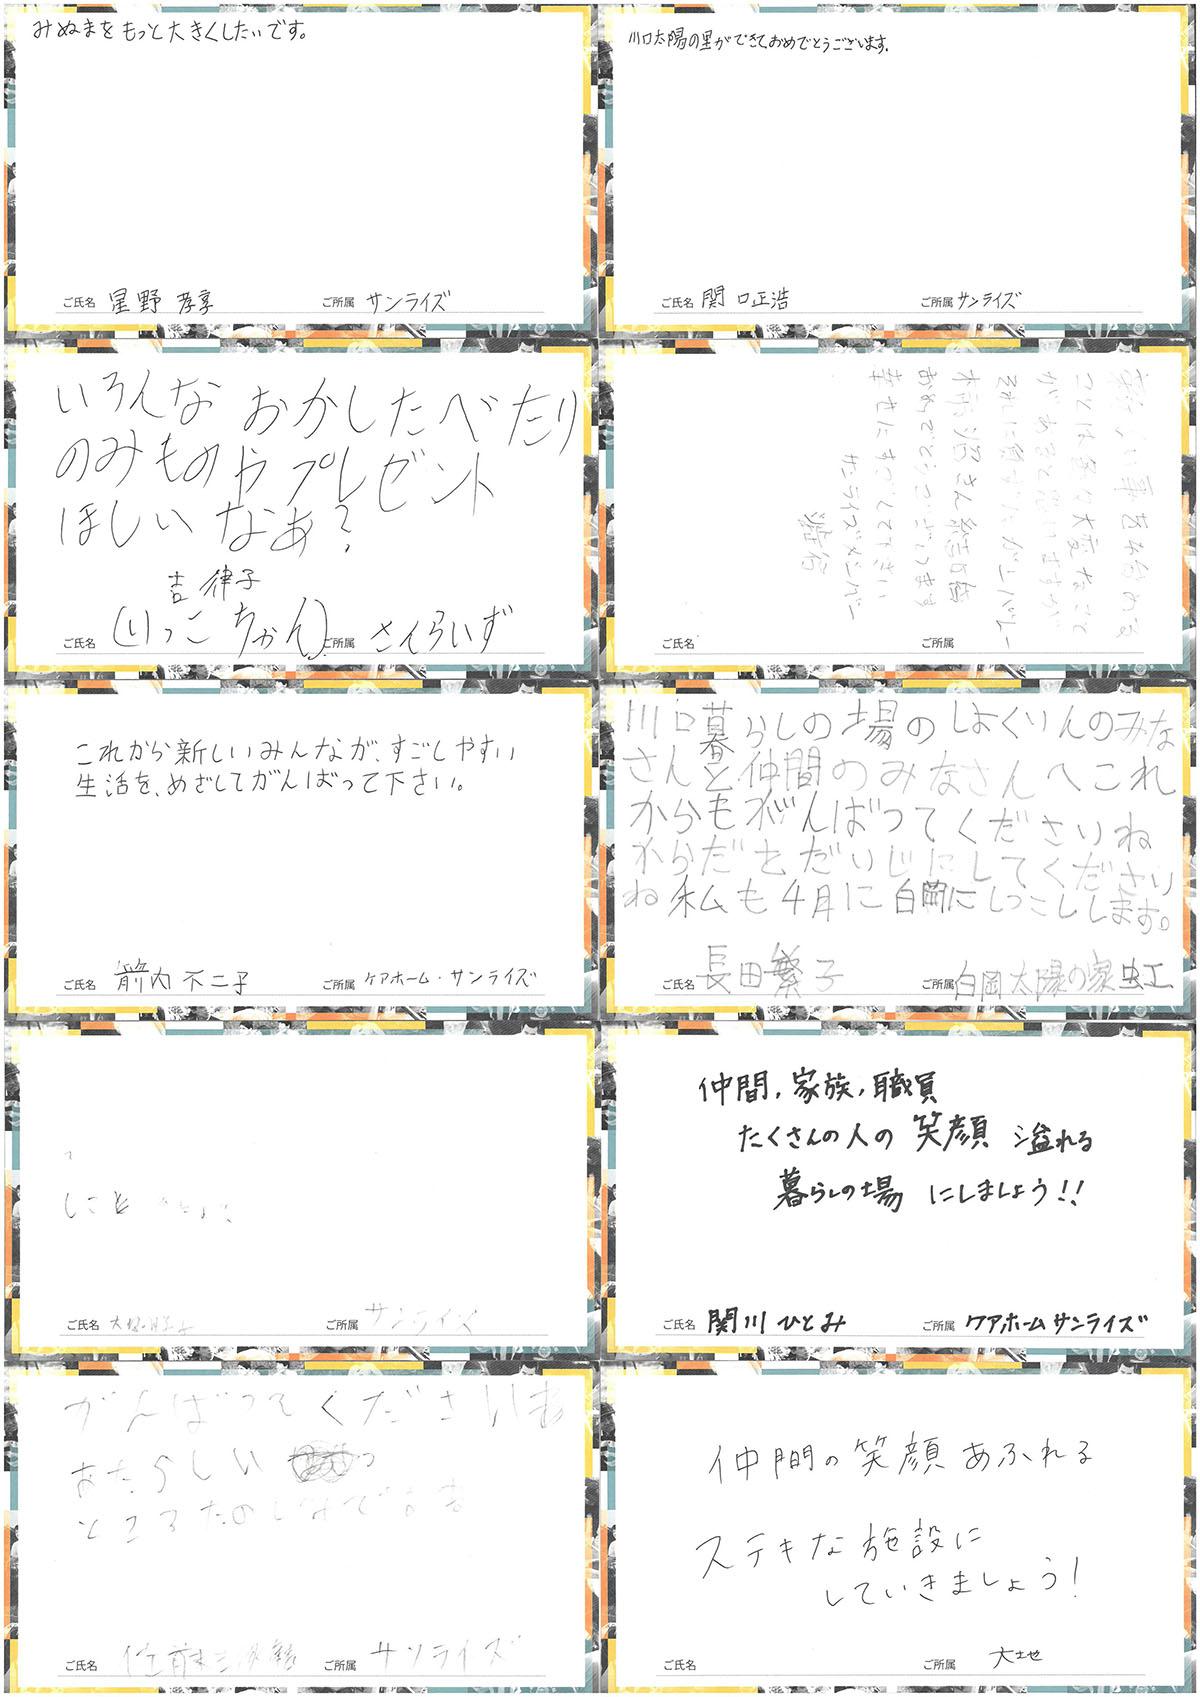 メッセージ32